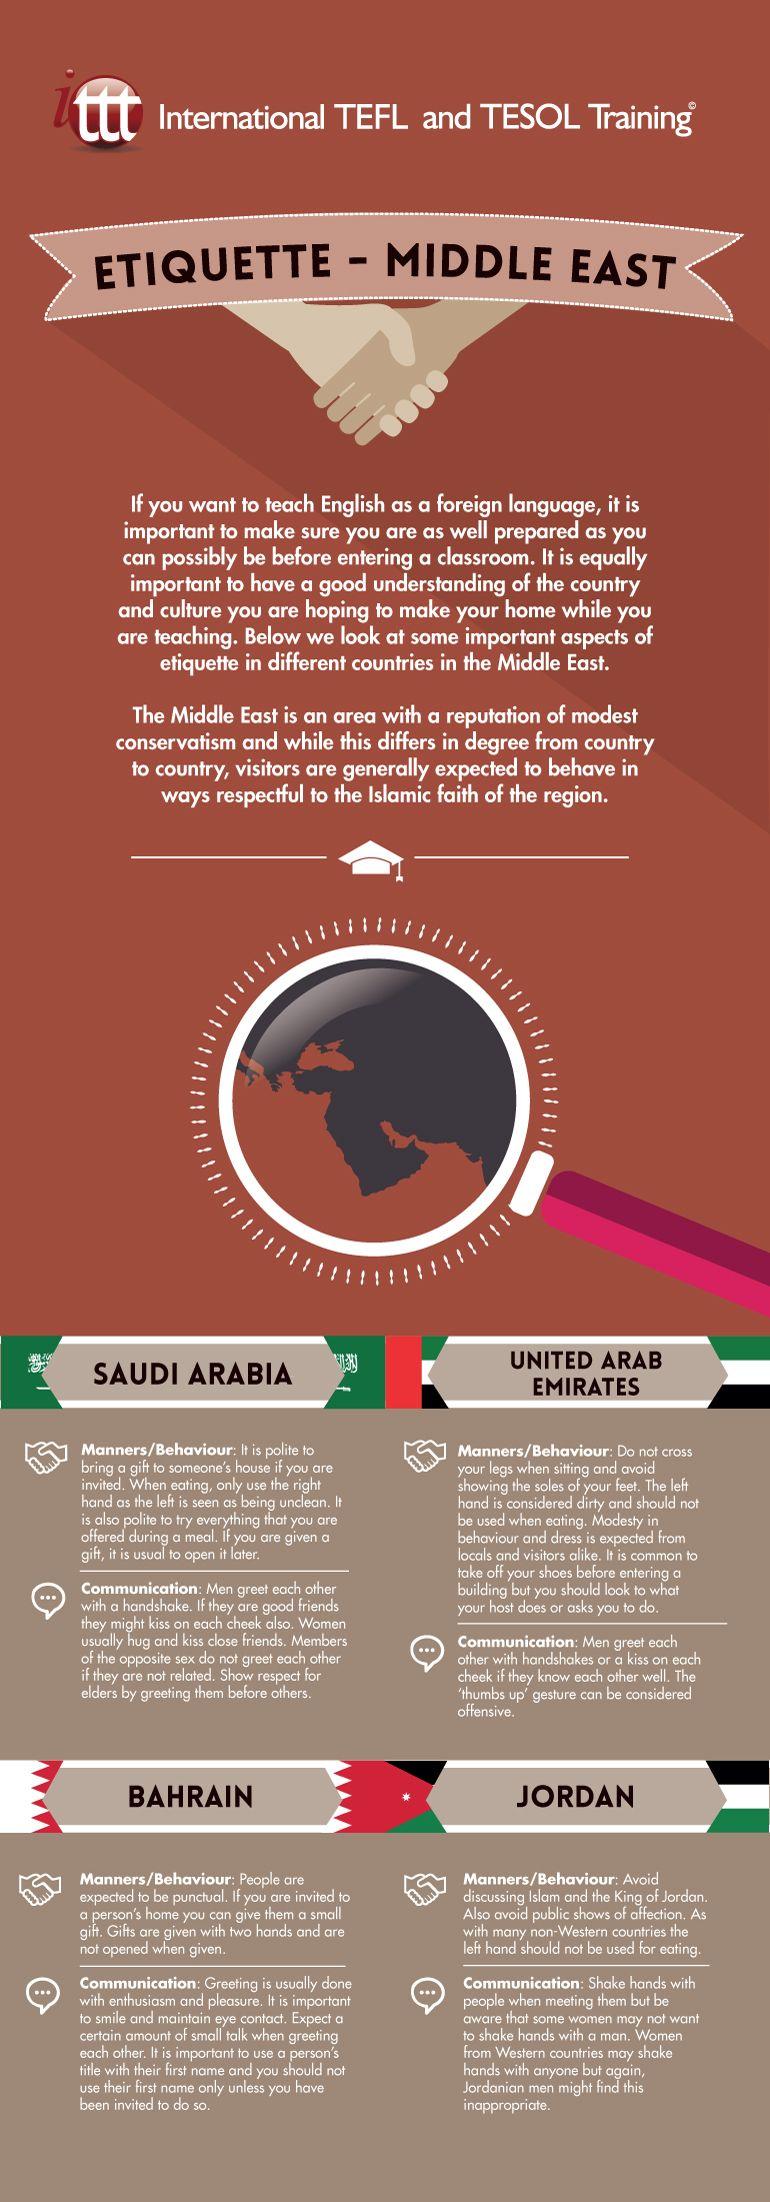 Etiquette Middle East Infographic Etiquette, Middle east